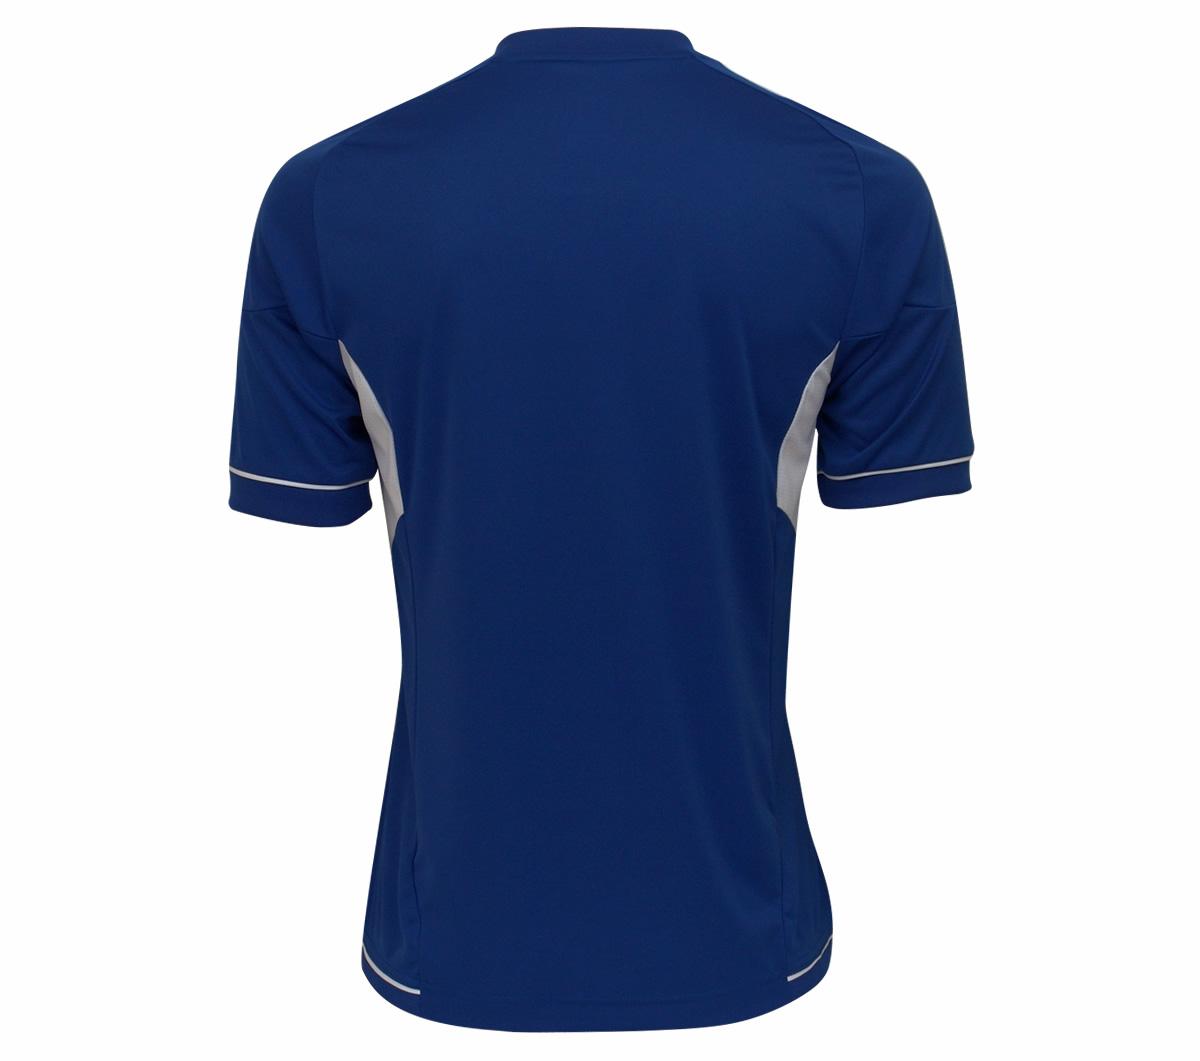 Camisa Adidas Regista 12 Azul - Mundo do Futebol 7d0af884726a3